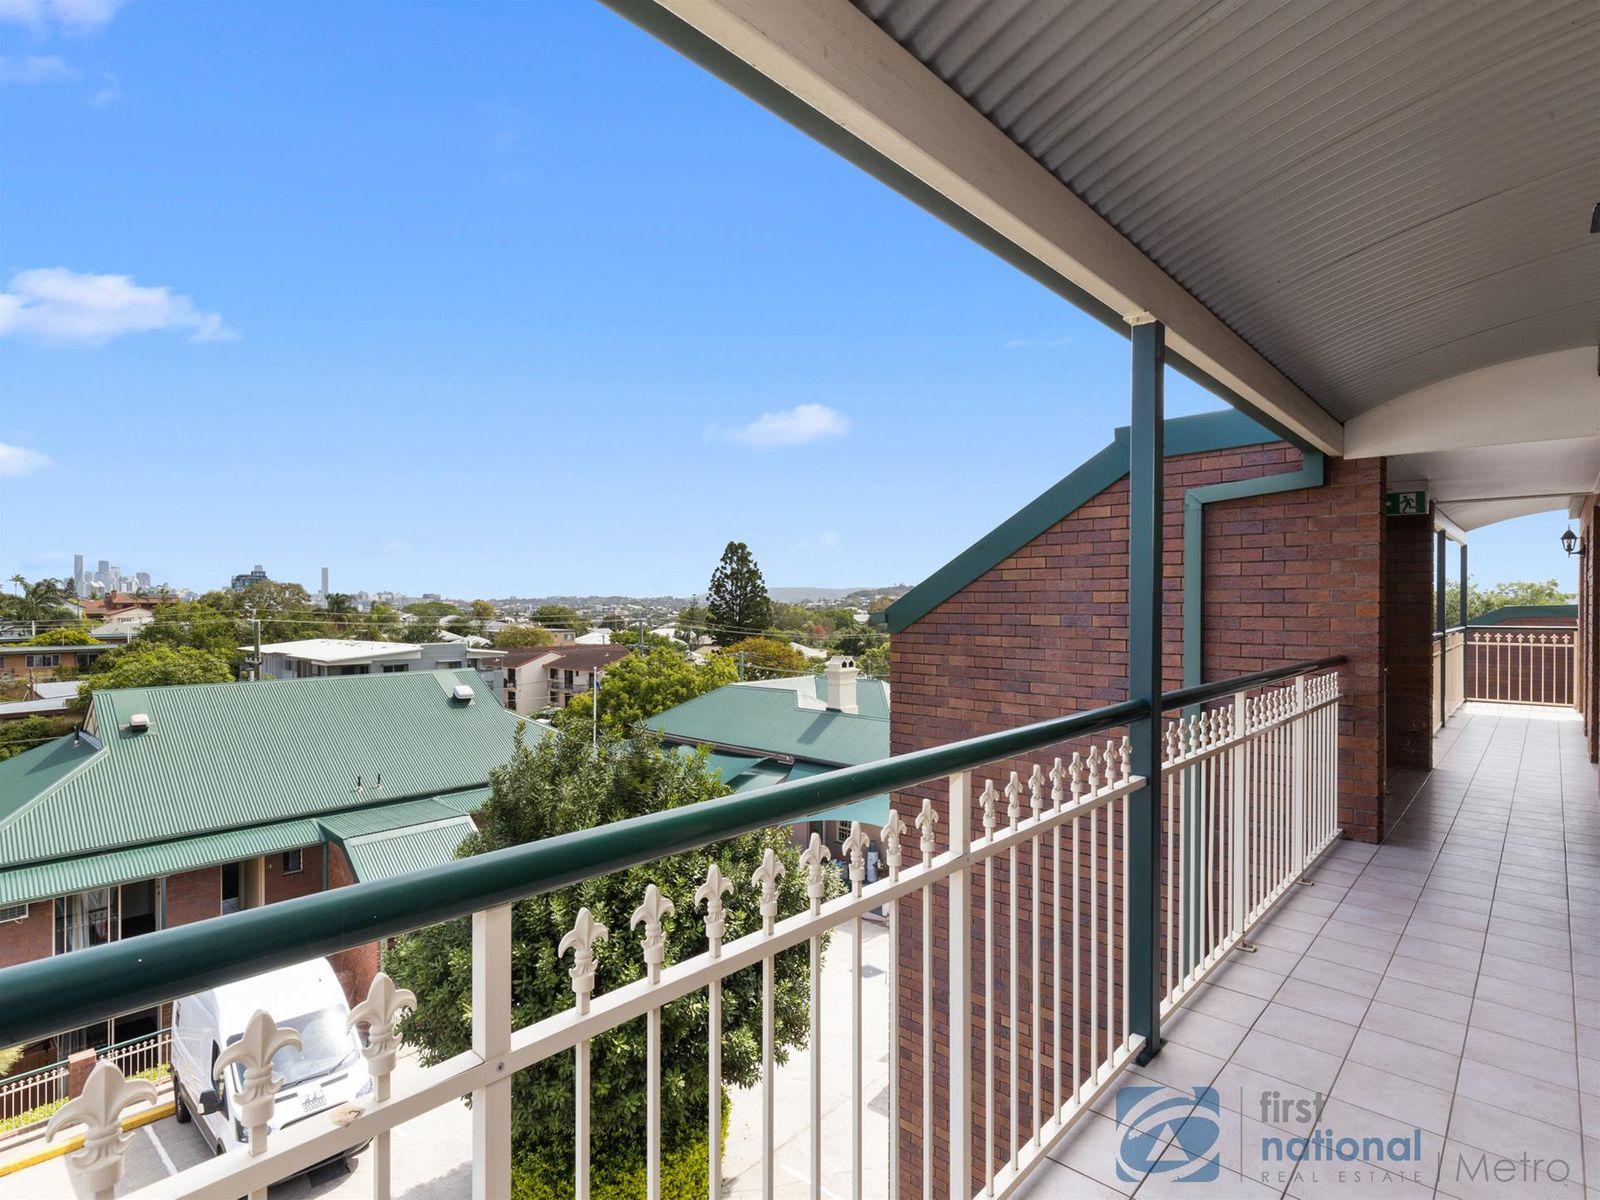 10/9 Wooloowin Avenue, Wooloowin, QLD 4030